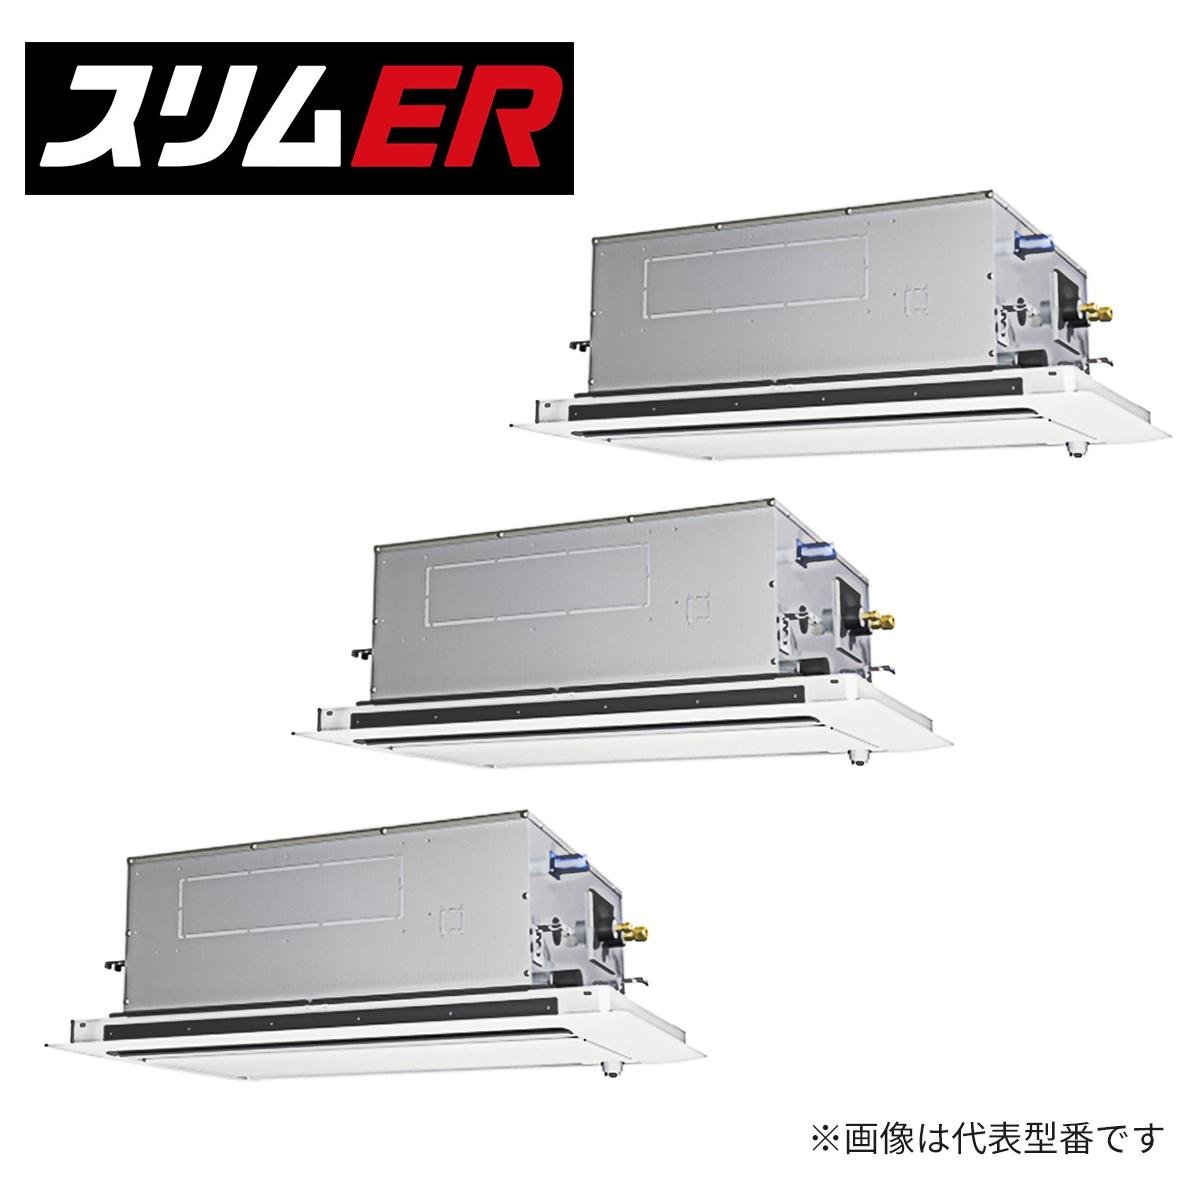 ###三菱 業務用エアコン【PLZT-ERP224LR】スリムER 2方向天井カセット形 同時トリプル 三相200V 8馬力